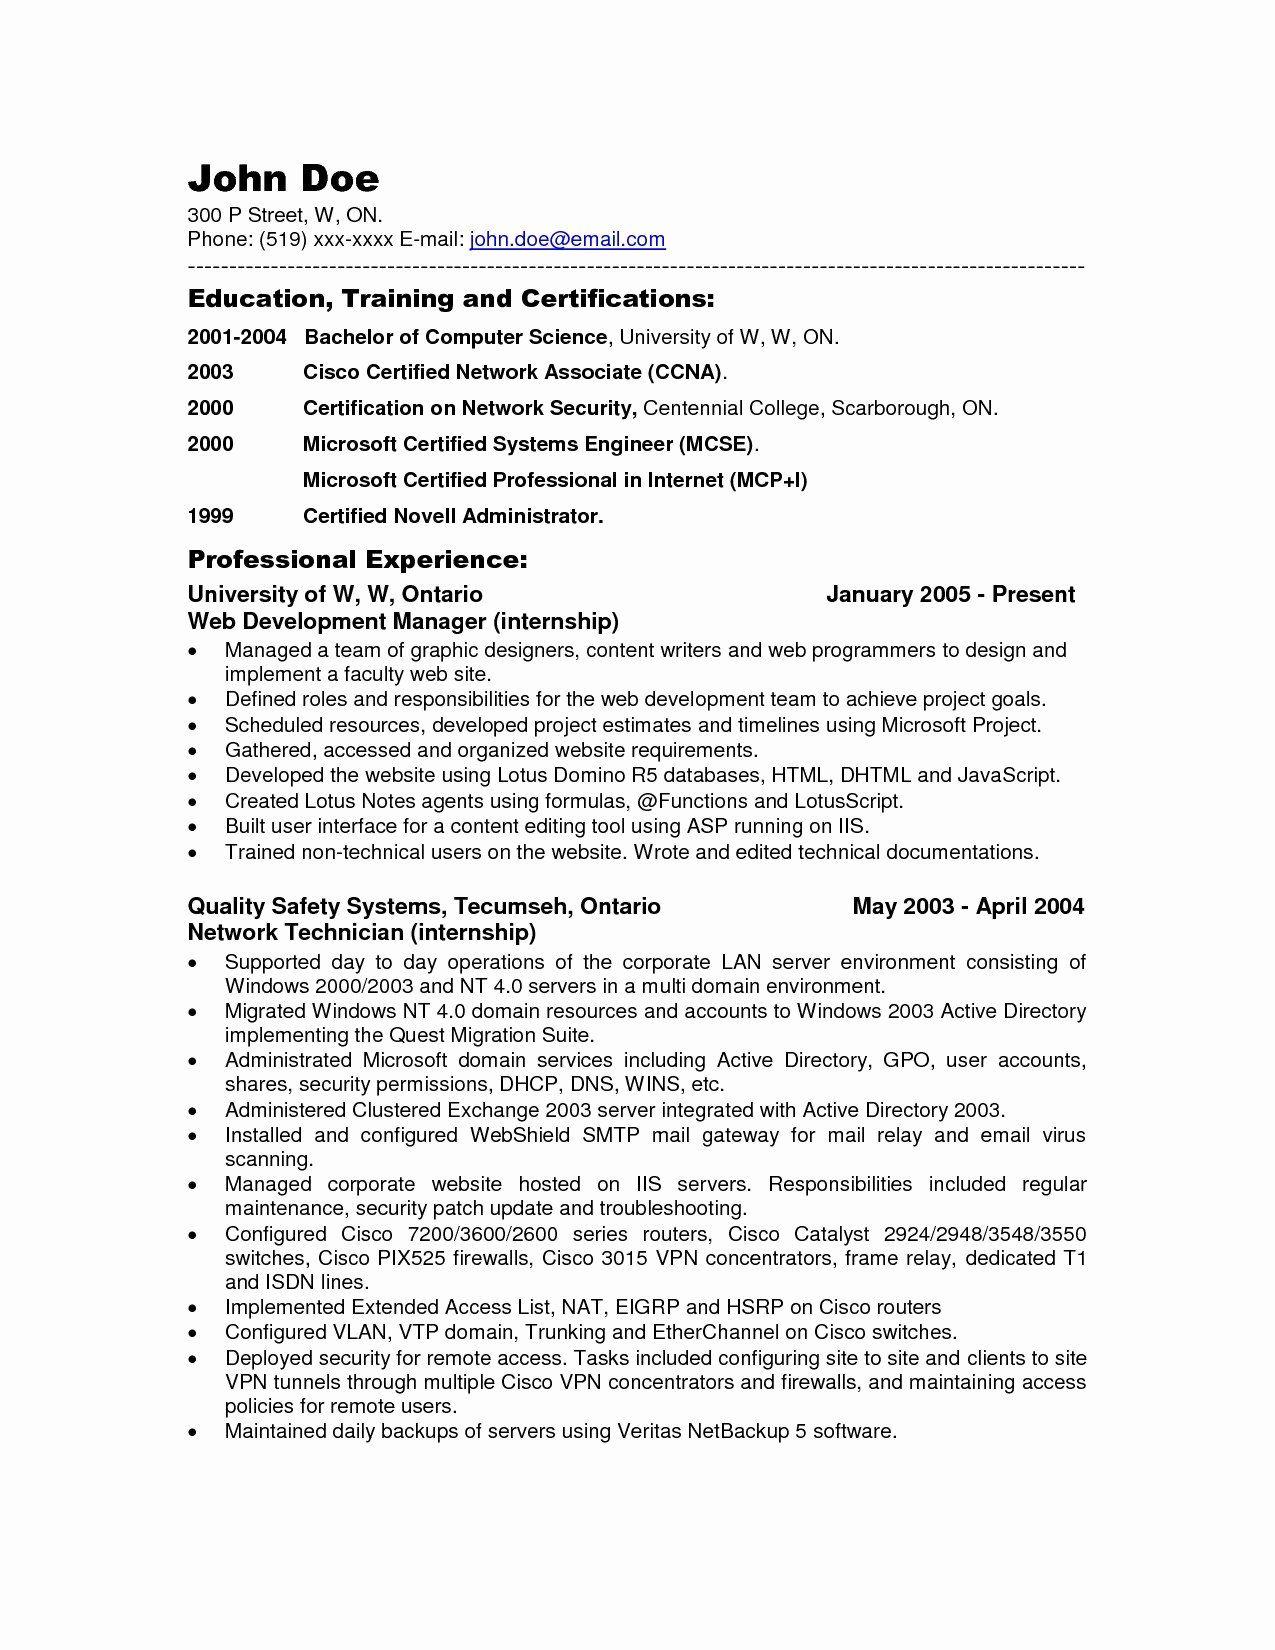 System Admin Resume Example Elegant 28 Lovely System Administrator Sample Resume Resume Examples Teacher Resume Job Resume Examples